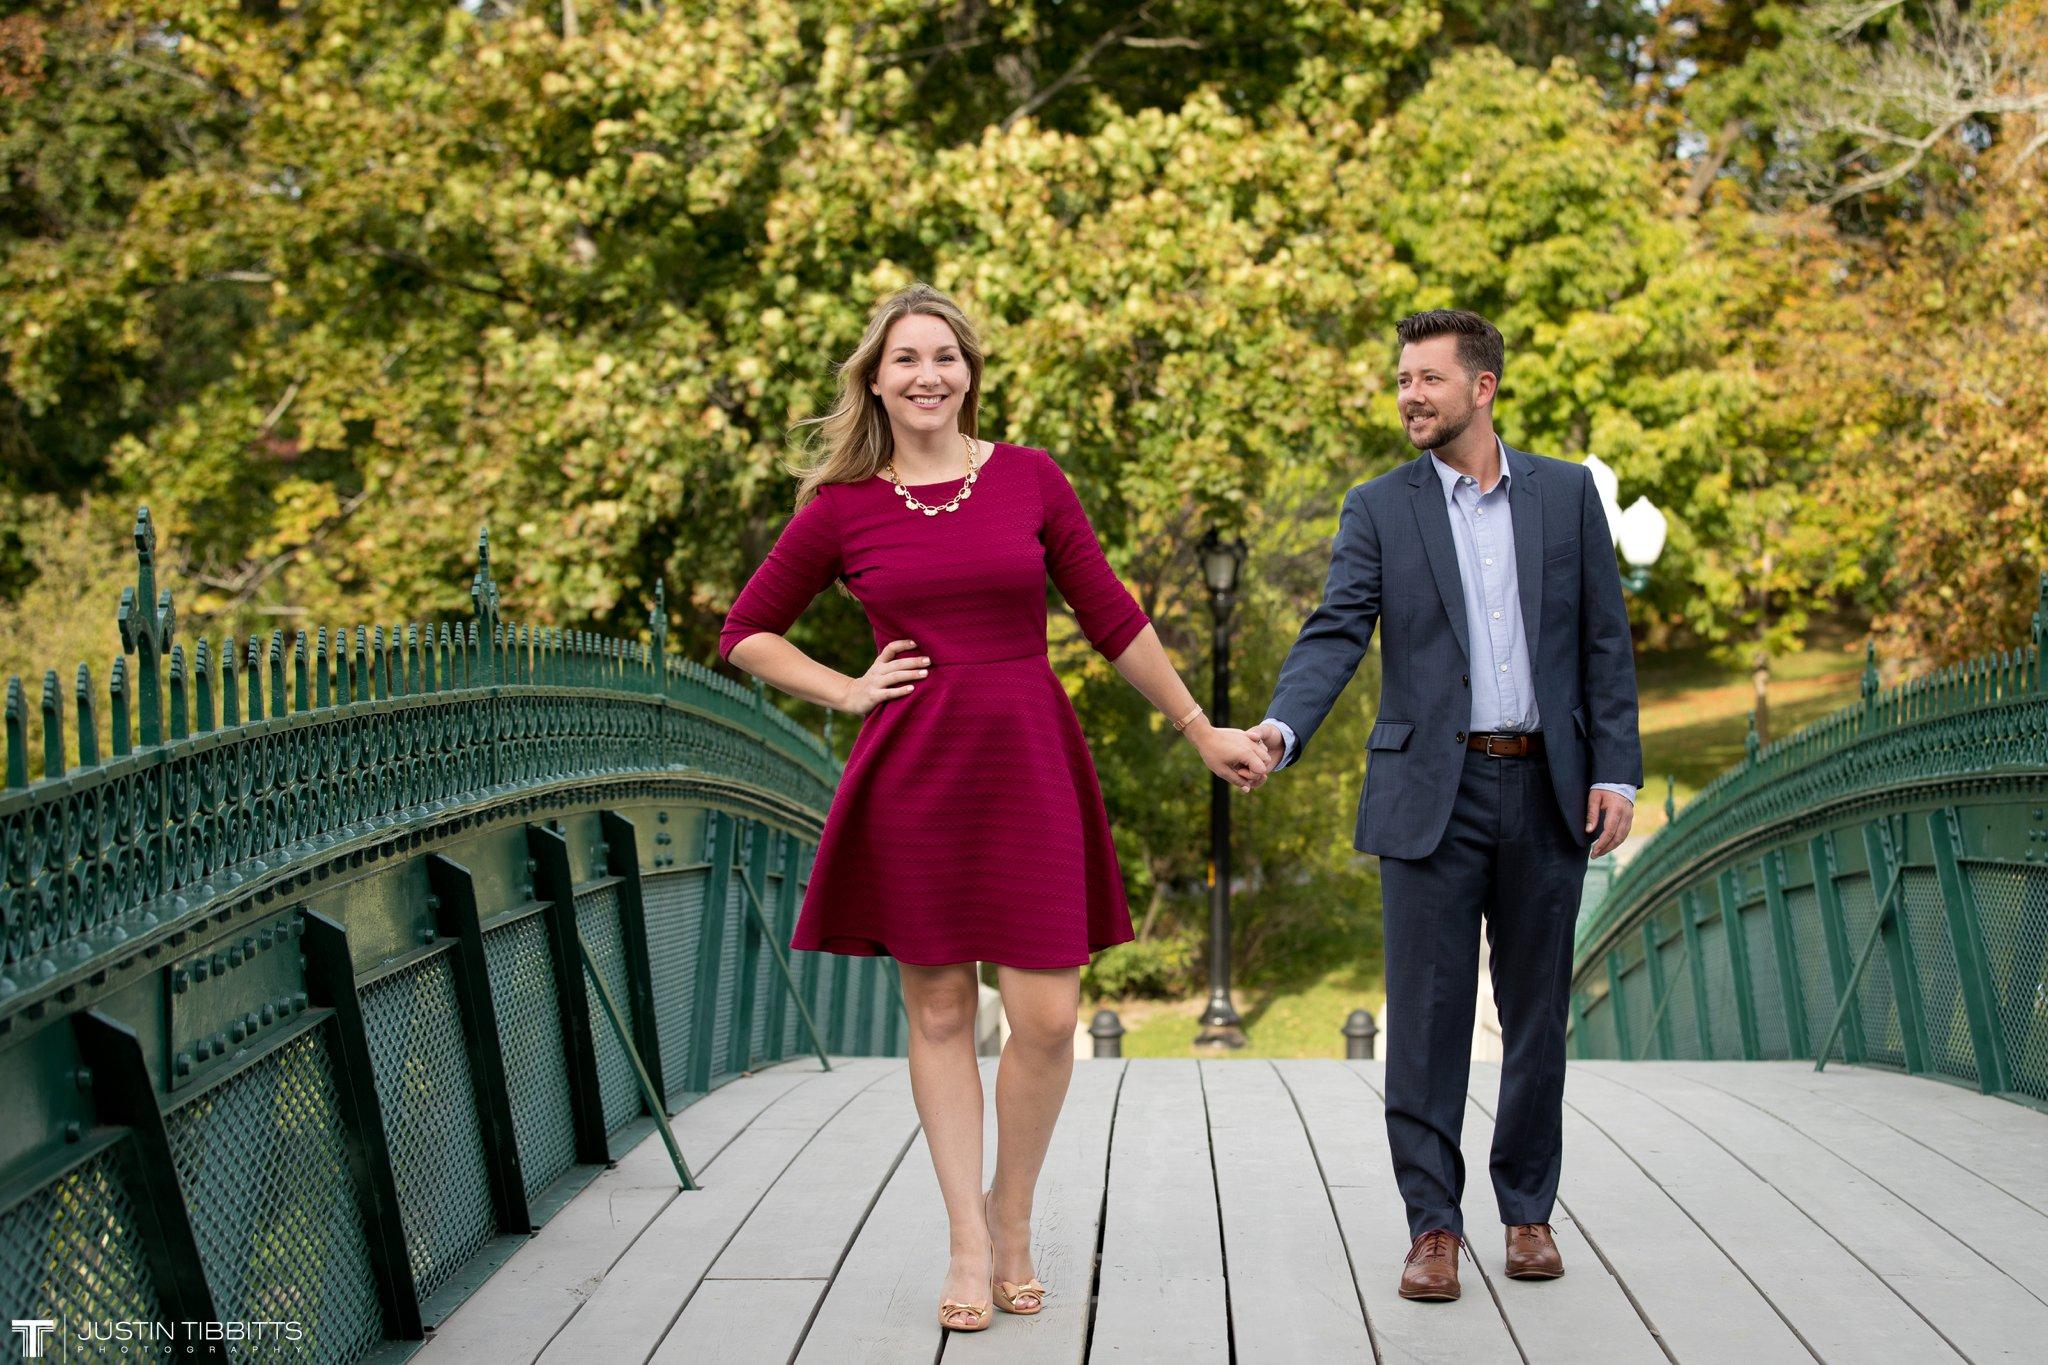 washington-park-albany-ny-engagement-photos-with-andrea-and-dan_0001